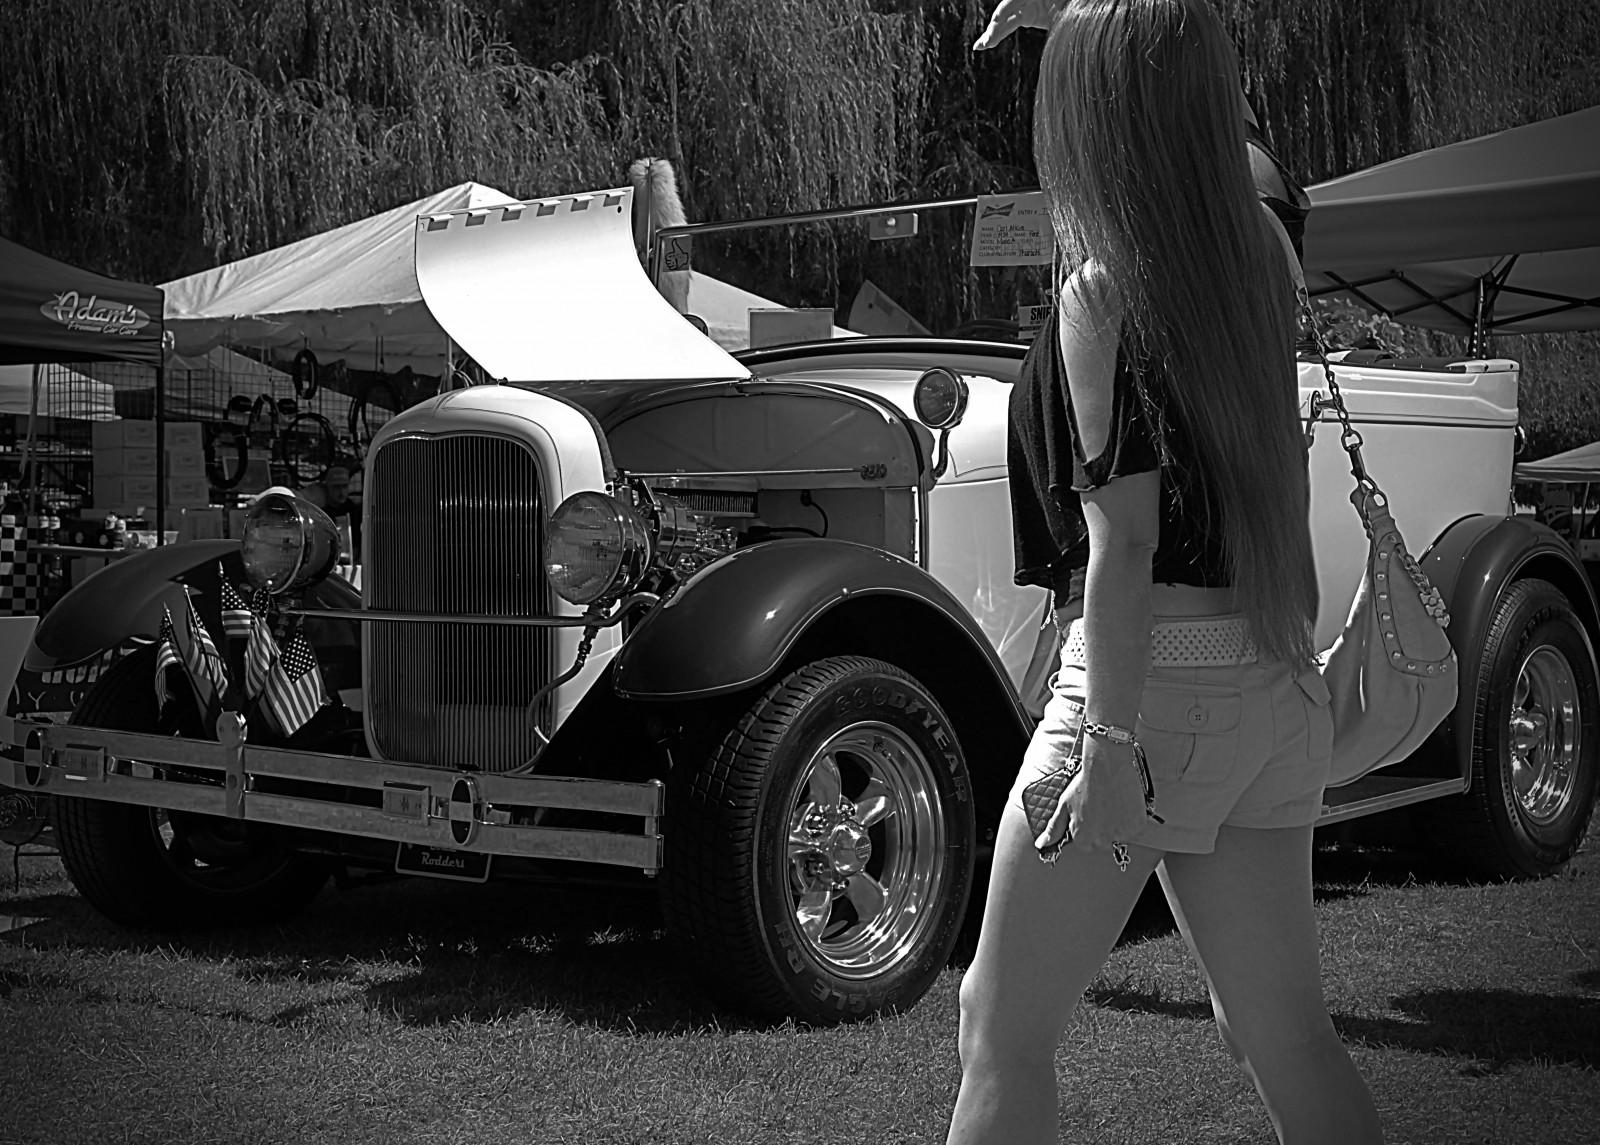 hintergrundbilder schwarz einfarbig fahrzeug sportwagen oldtimer ziemlich sch nheit. Black Bedroom Furniture Sets. Home Design Ideas